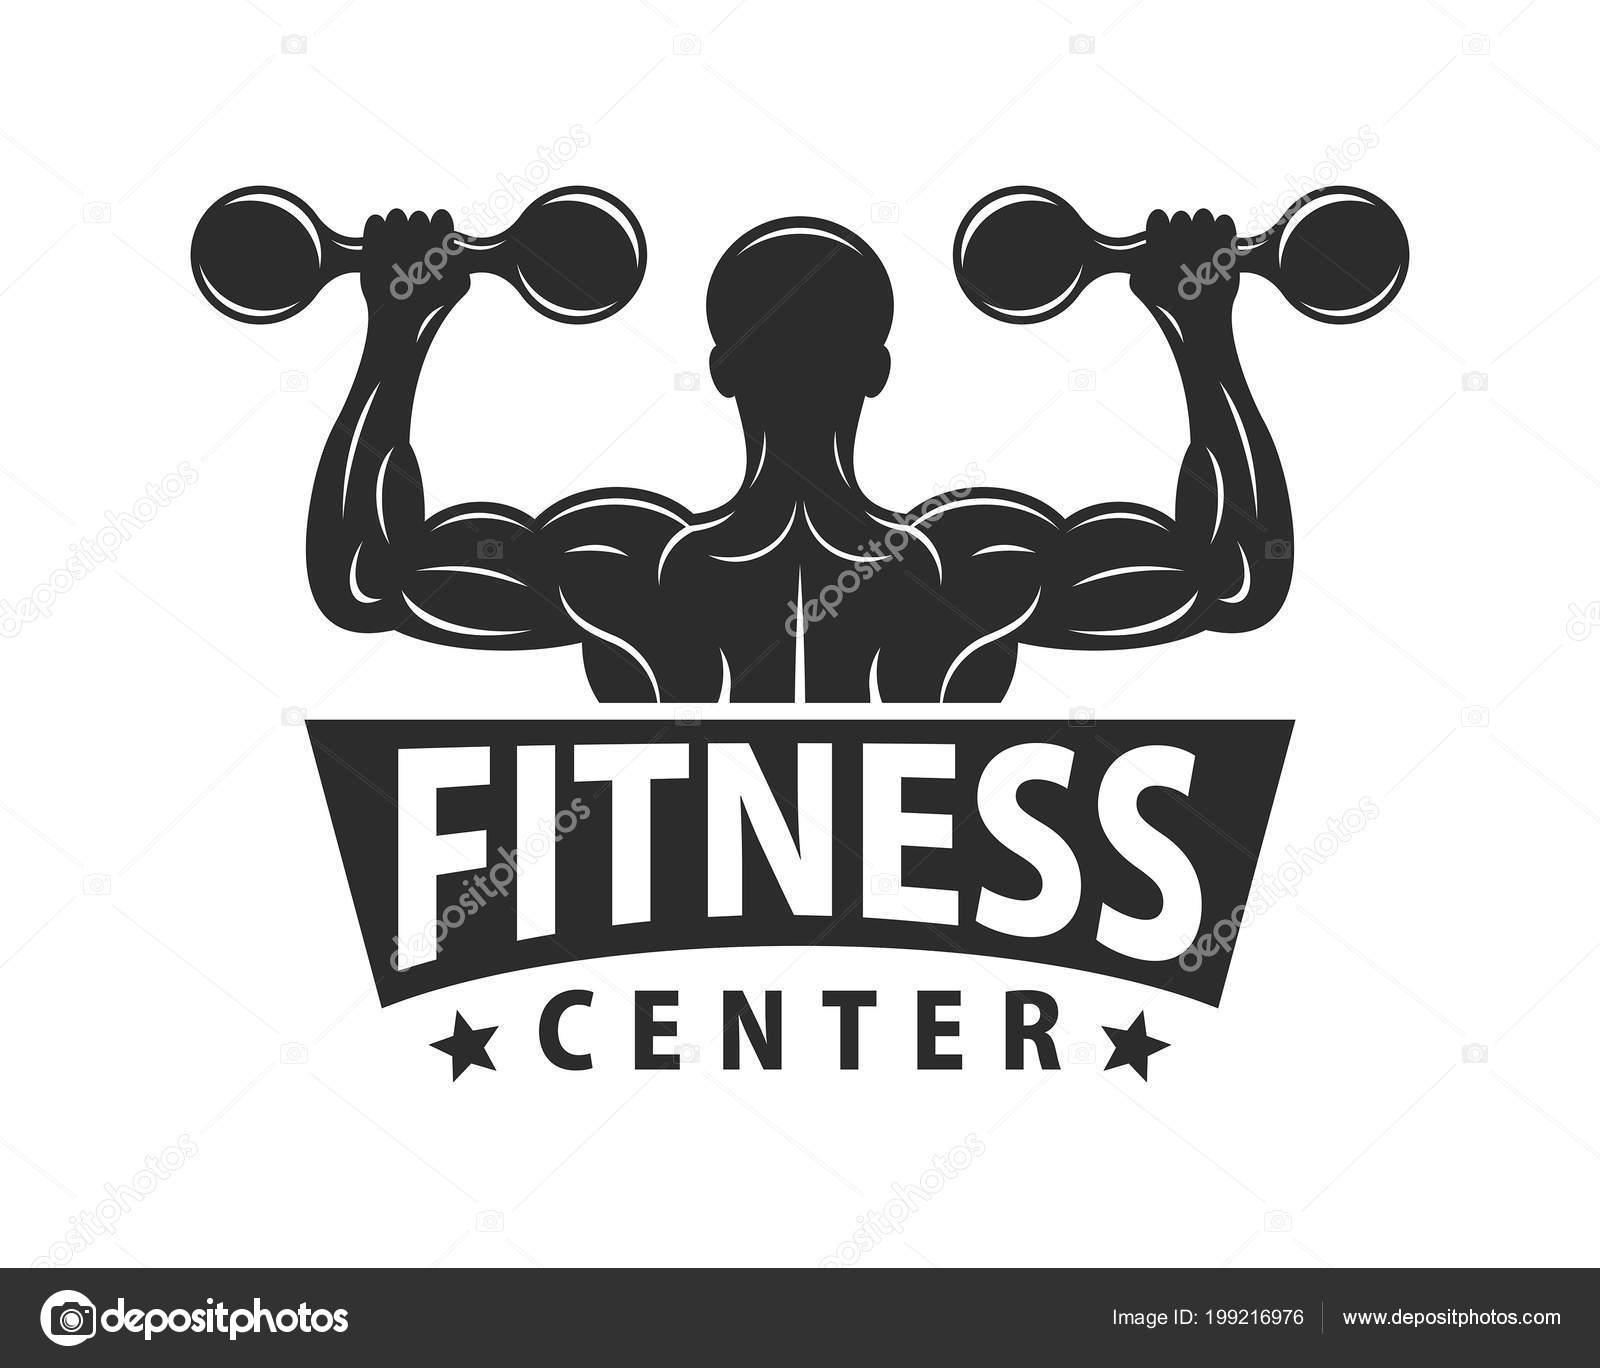 Gym Logo Template Bodybuilding Fitness Club Monochrome Style ...